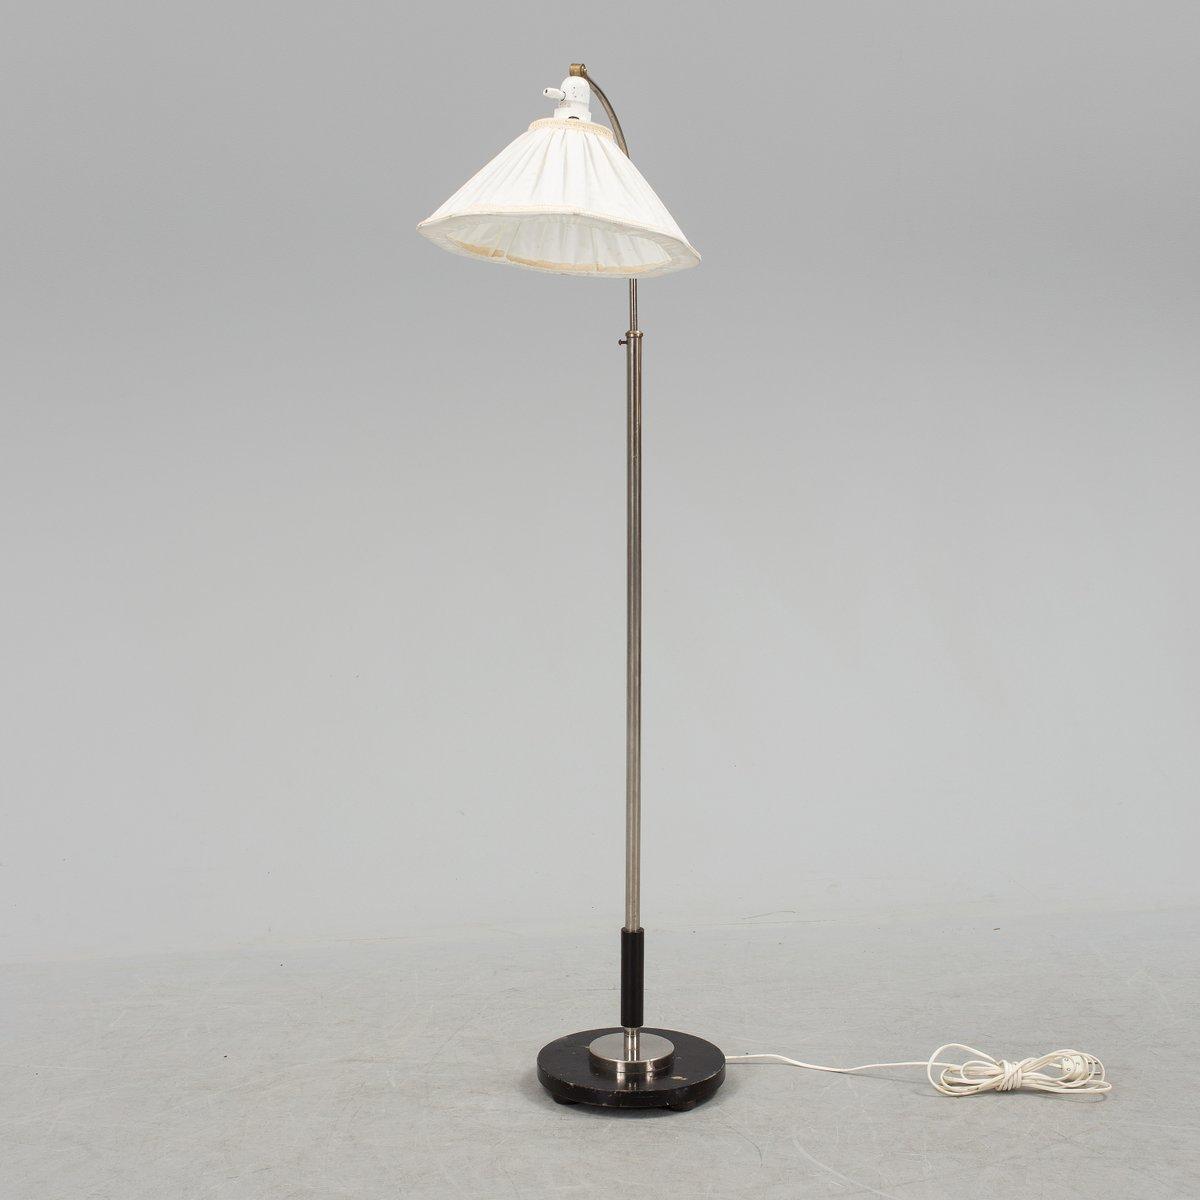 skandinavische art deco stehlampe von zenith 1930er bei pamono kaufen. Black Bedroom Furniture Sets. Home Design Ideas